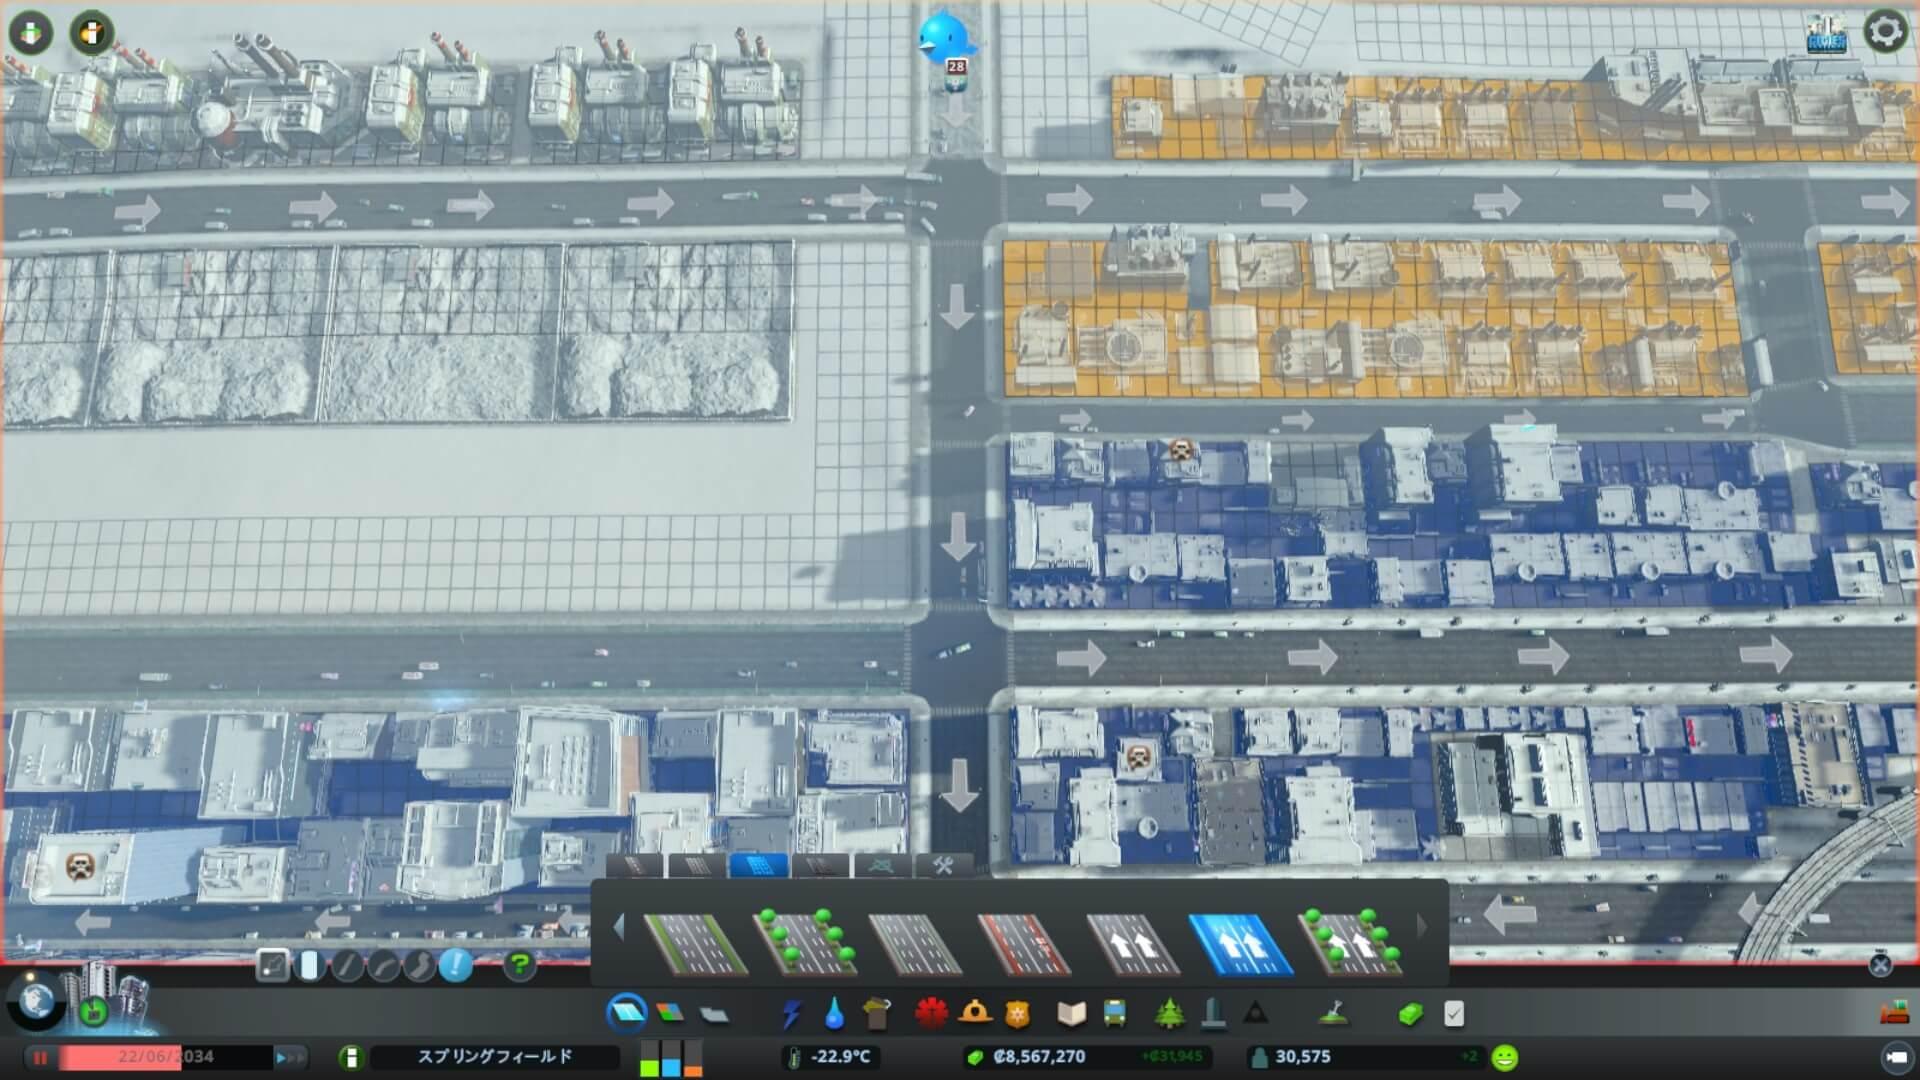 Traffic014-1-1024x576 【シティーズ スカイライン 攻略ブログ】 初心者の為の高速道路周辺の渋滞解消法 Cities:Skylines(シティーズ:スカイライン ) 街作りシミュレーションゲーム